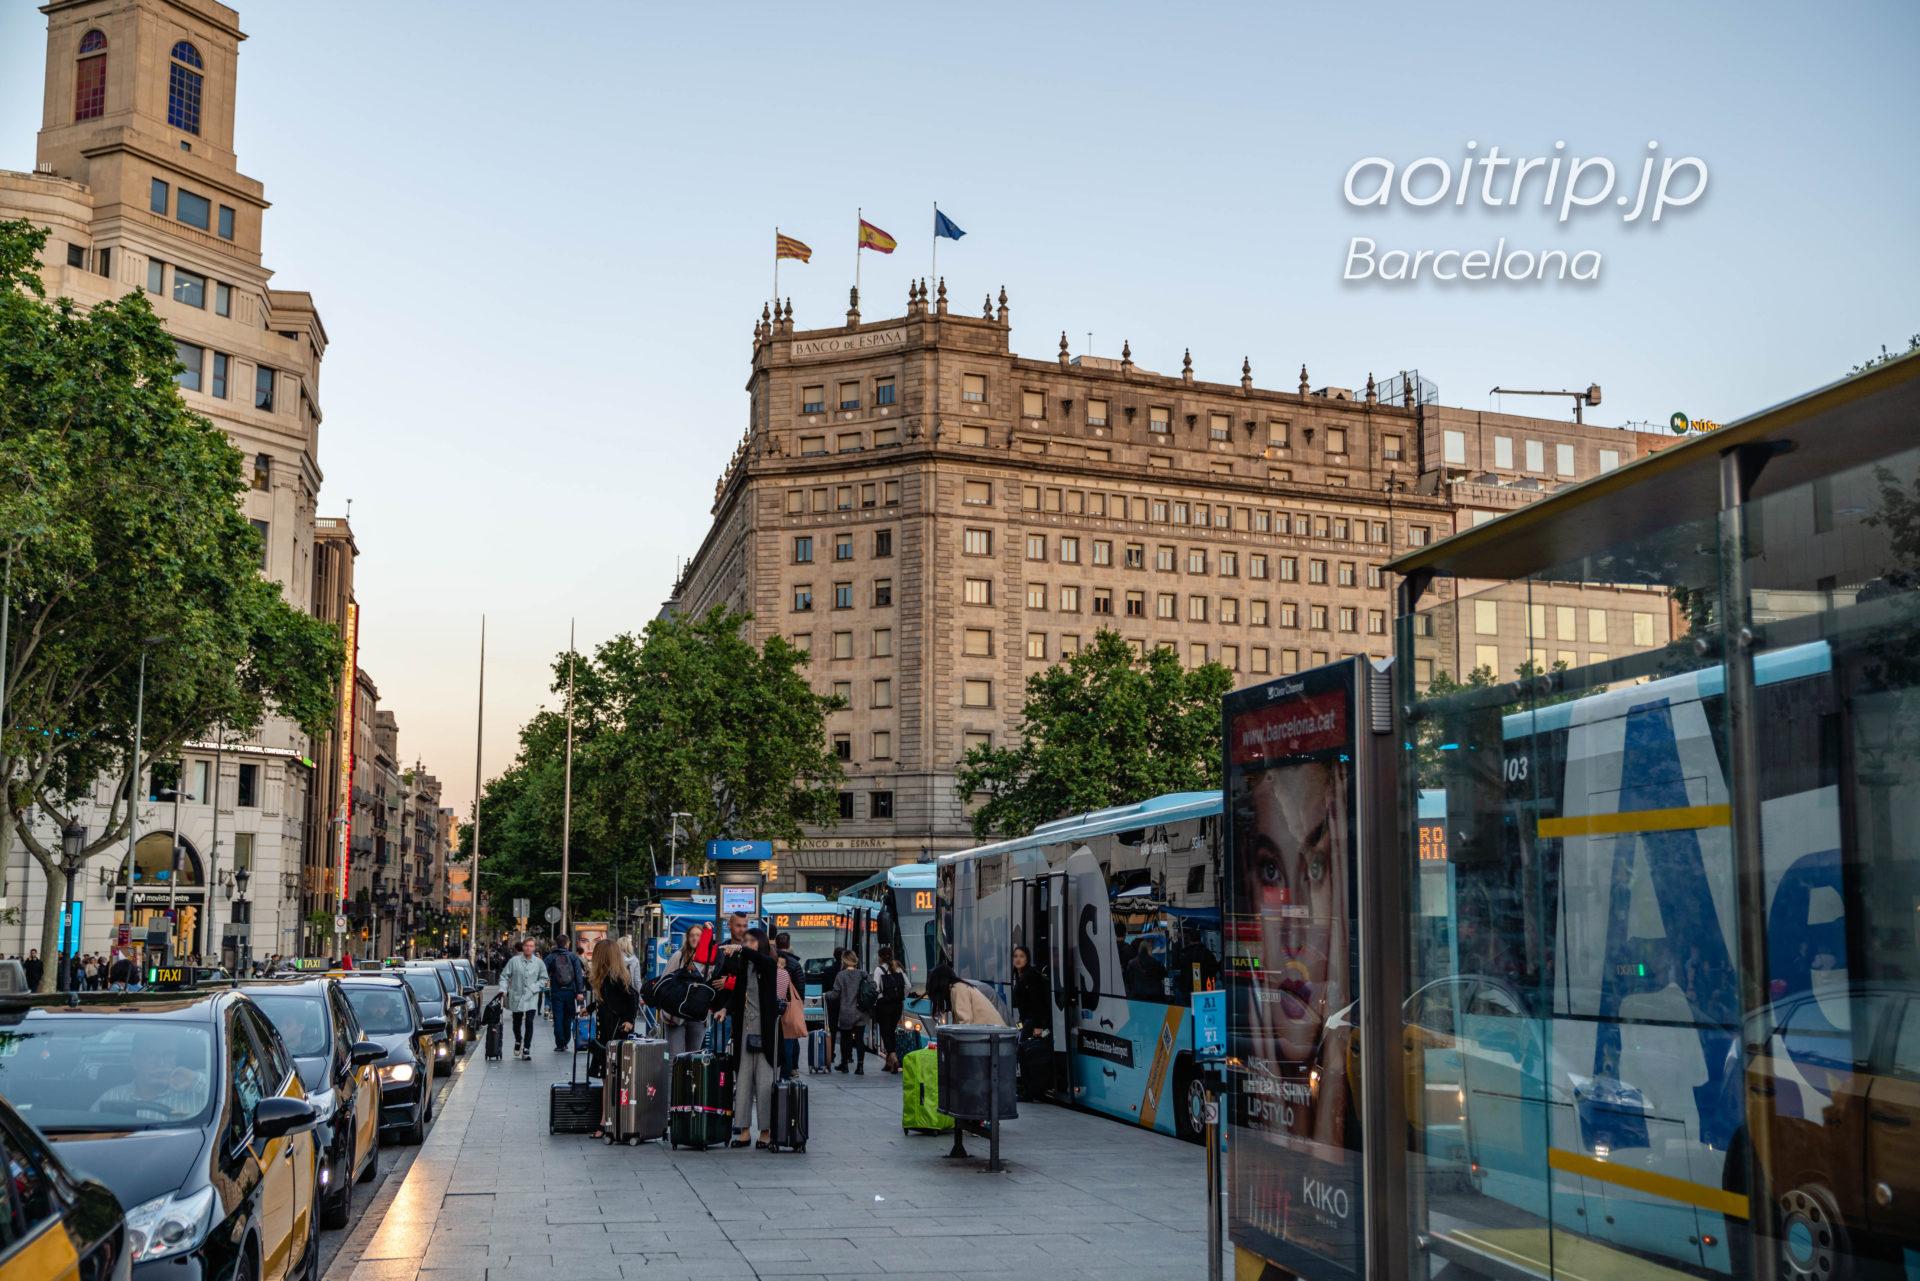 バルセロナ空港のエアポートバス カタルーニャ広場前のバス停留所